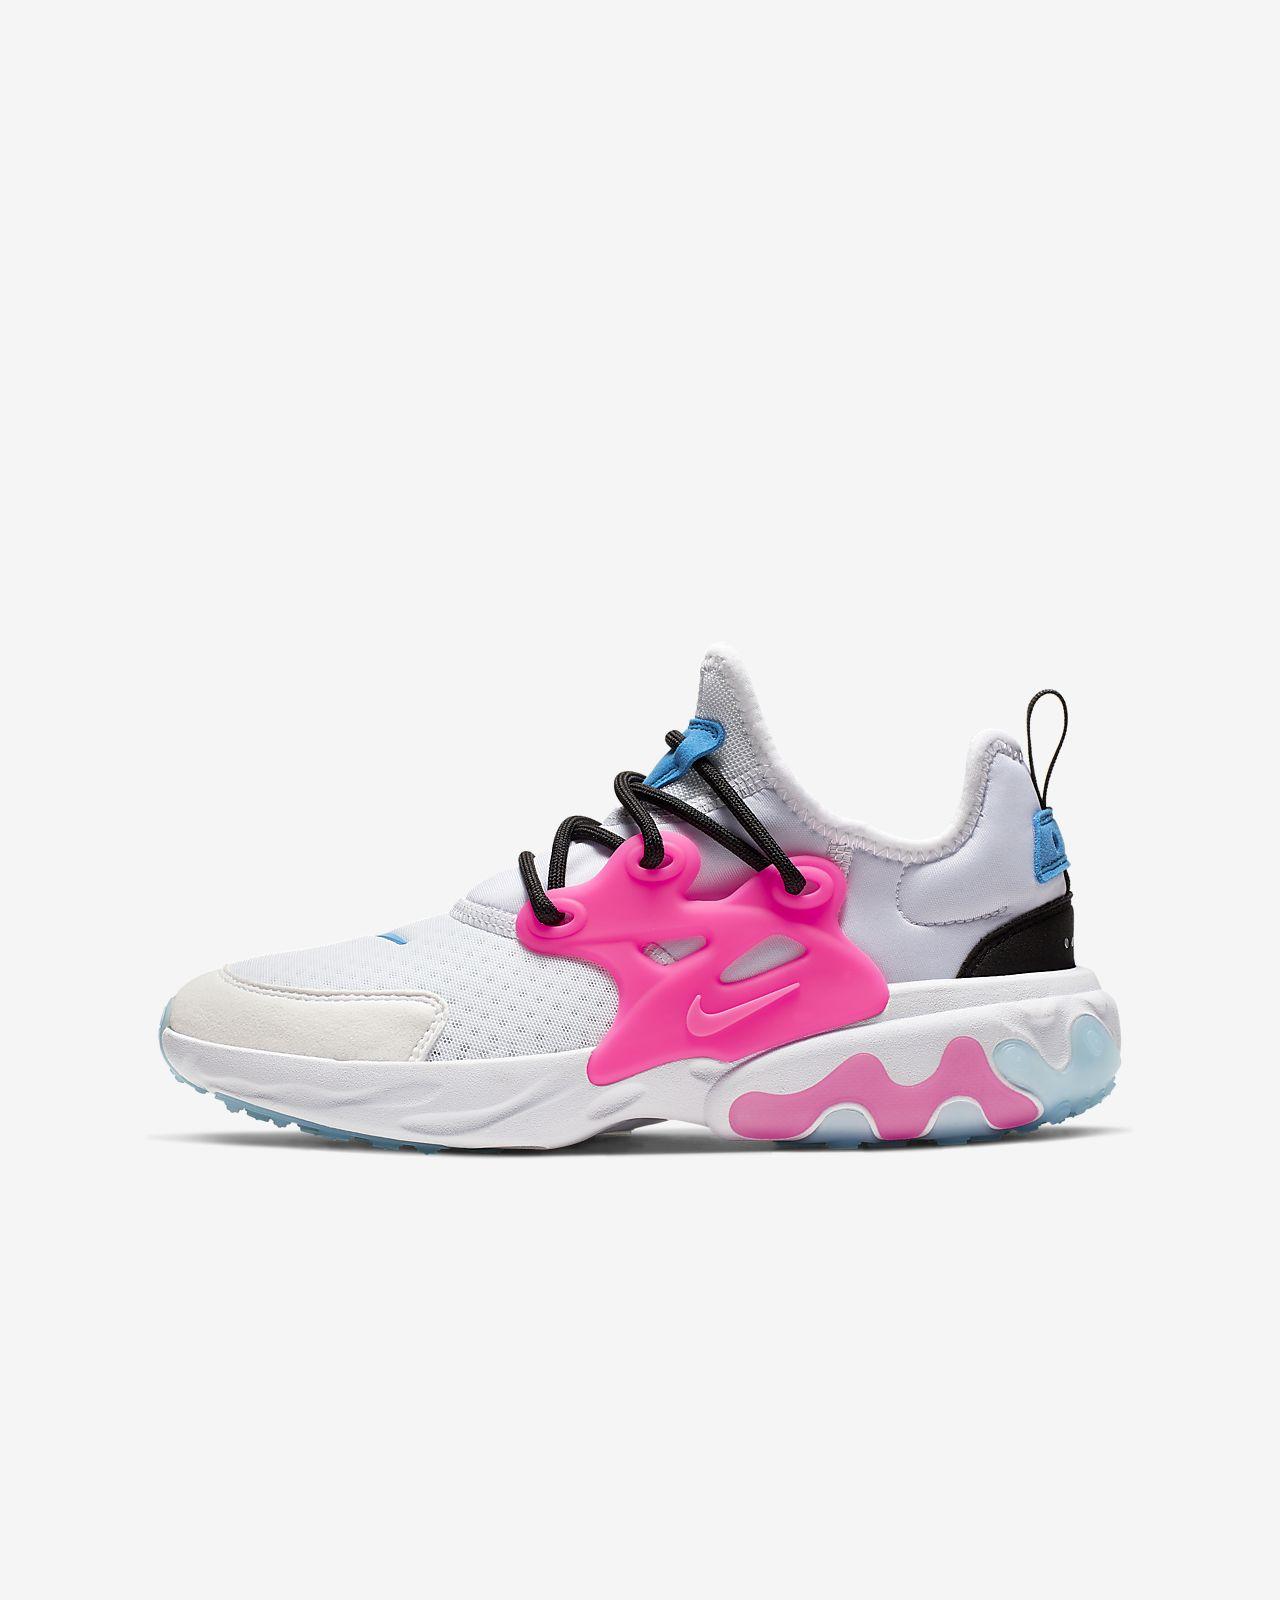 React Presto Nike Schuh Kinder ältere für qUzpVSM